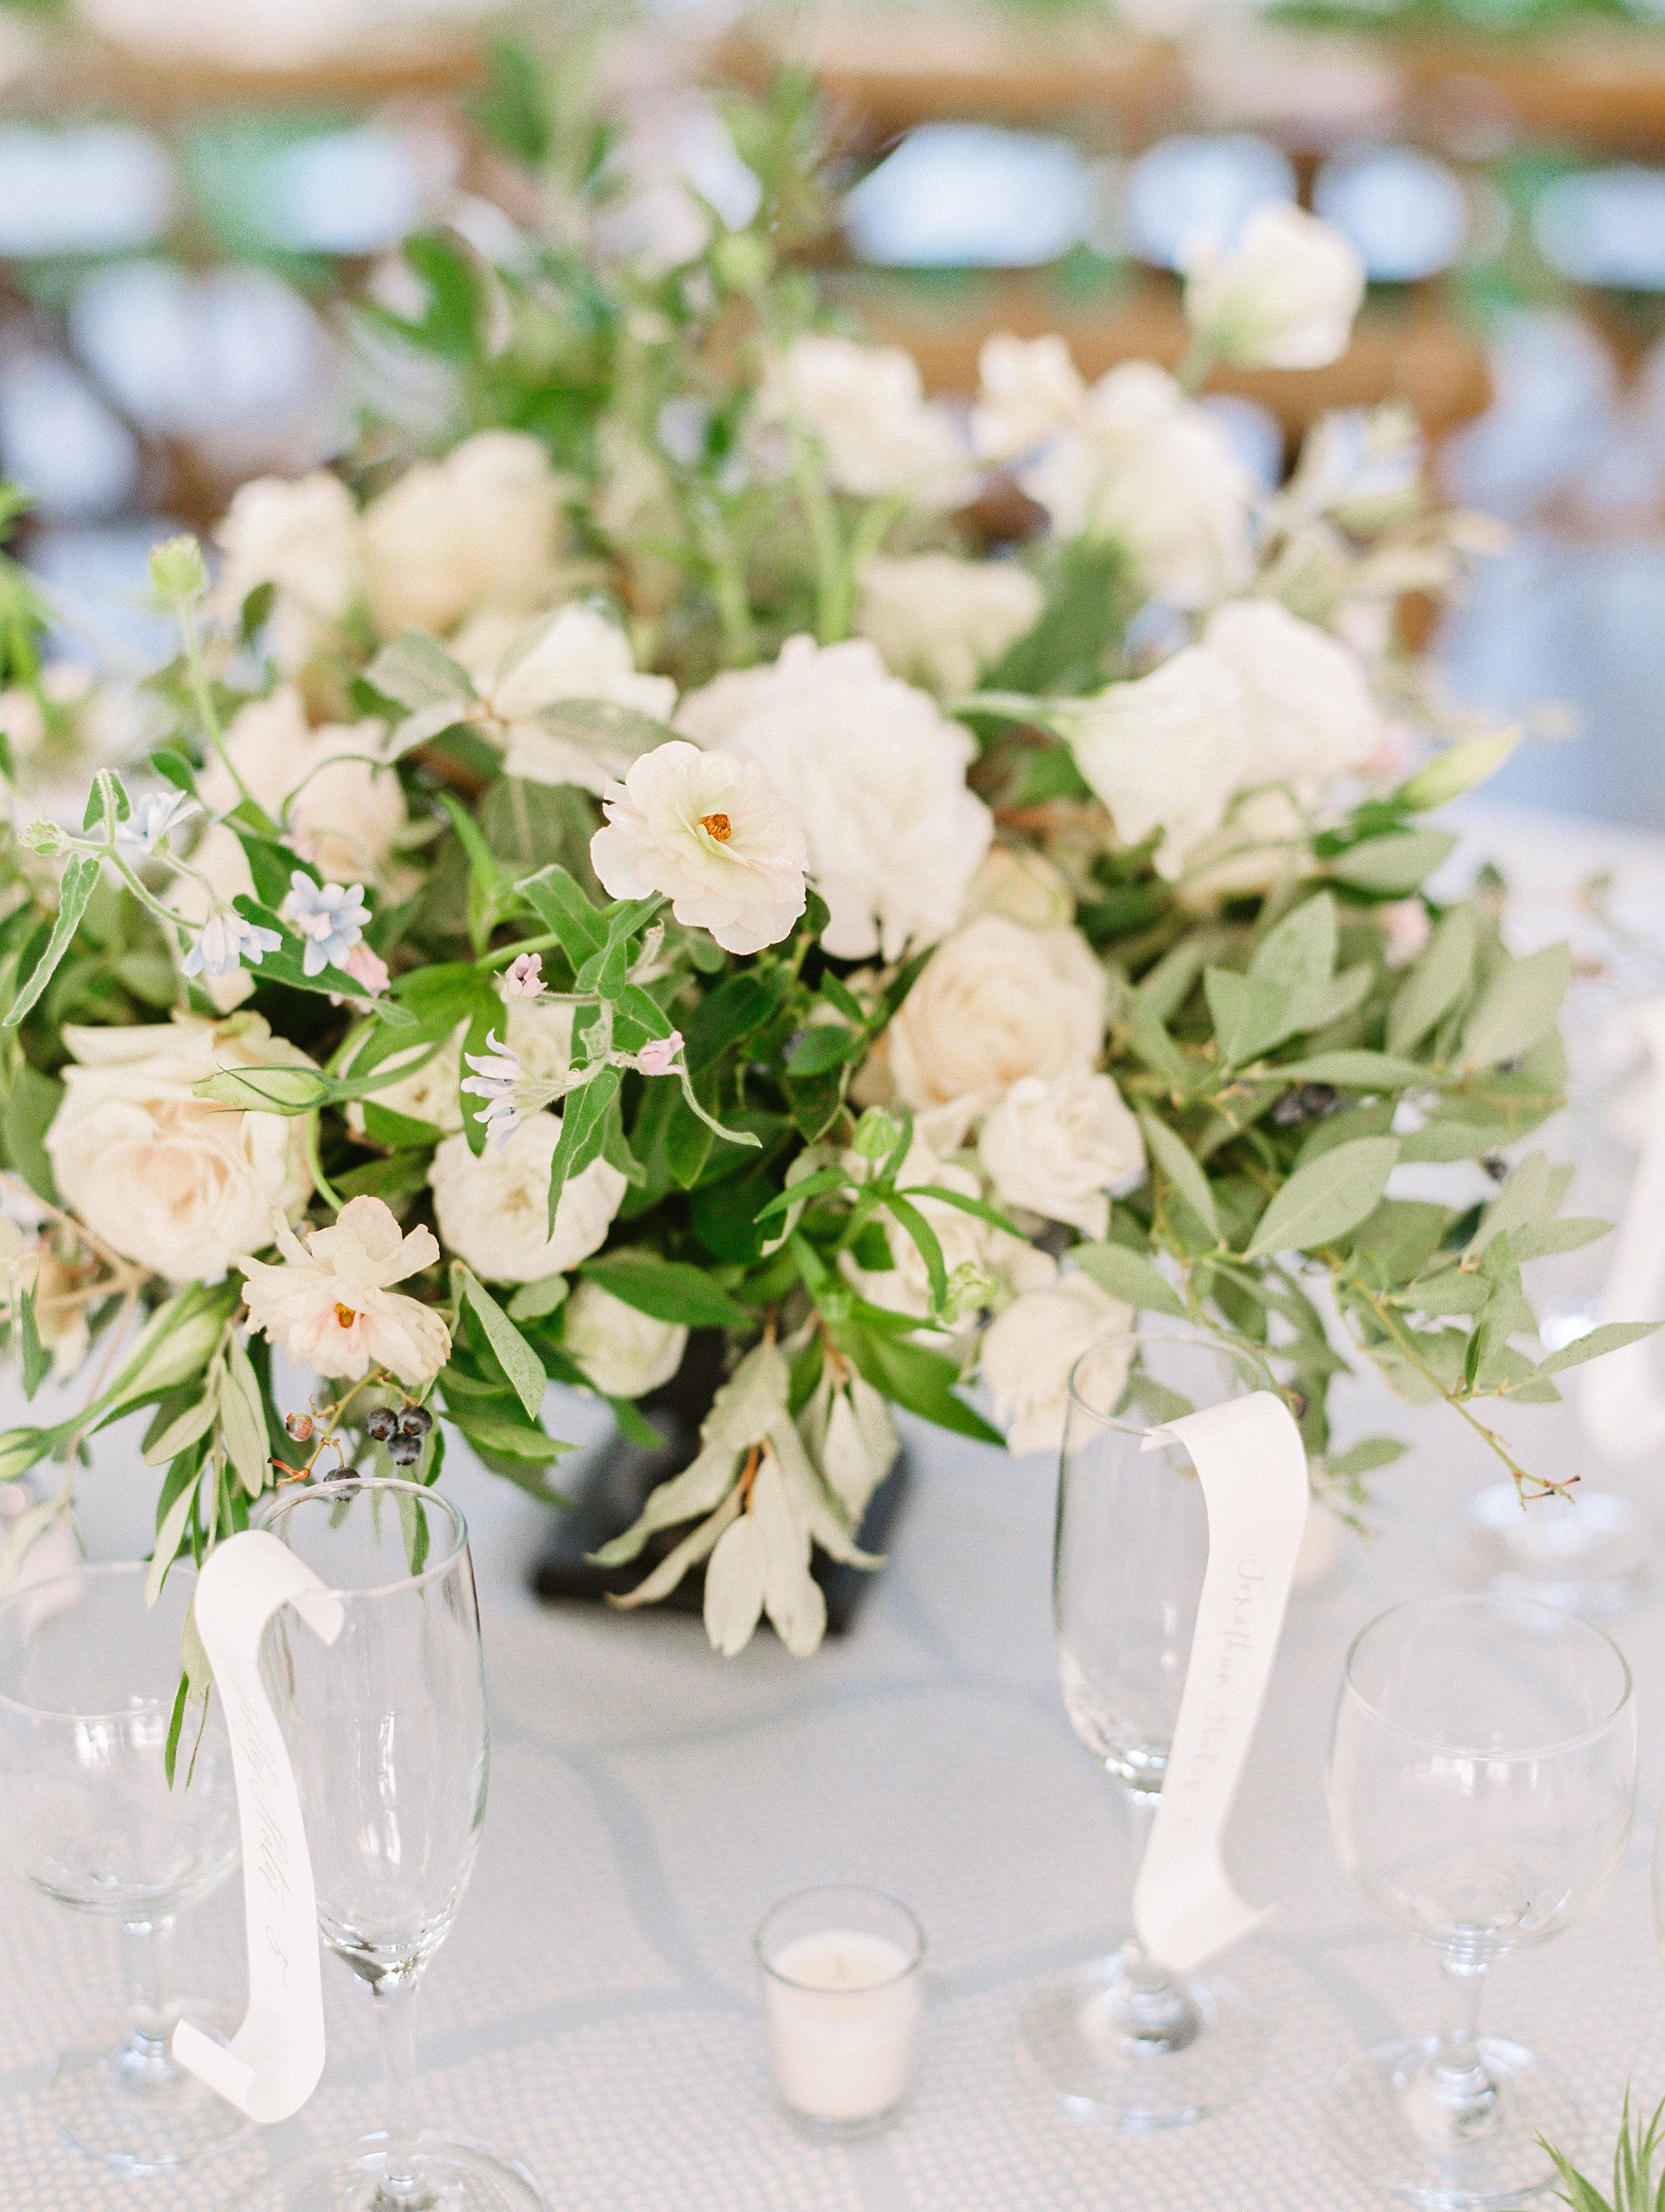 Steinlage+Wedding+Reception+Details-113.jpg